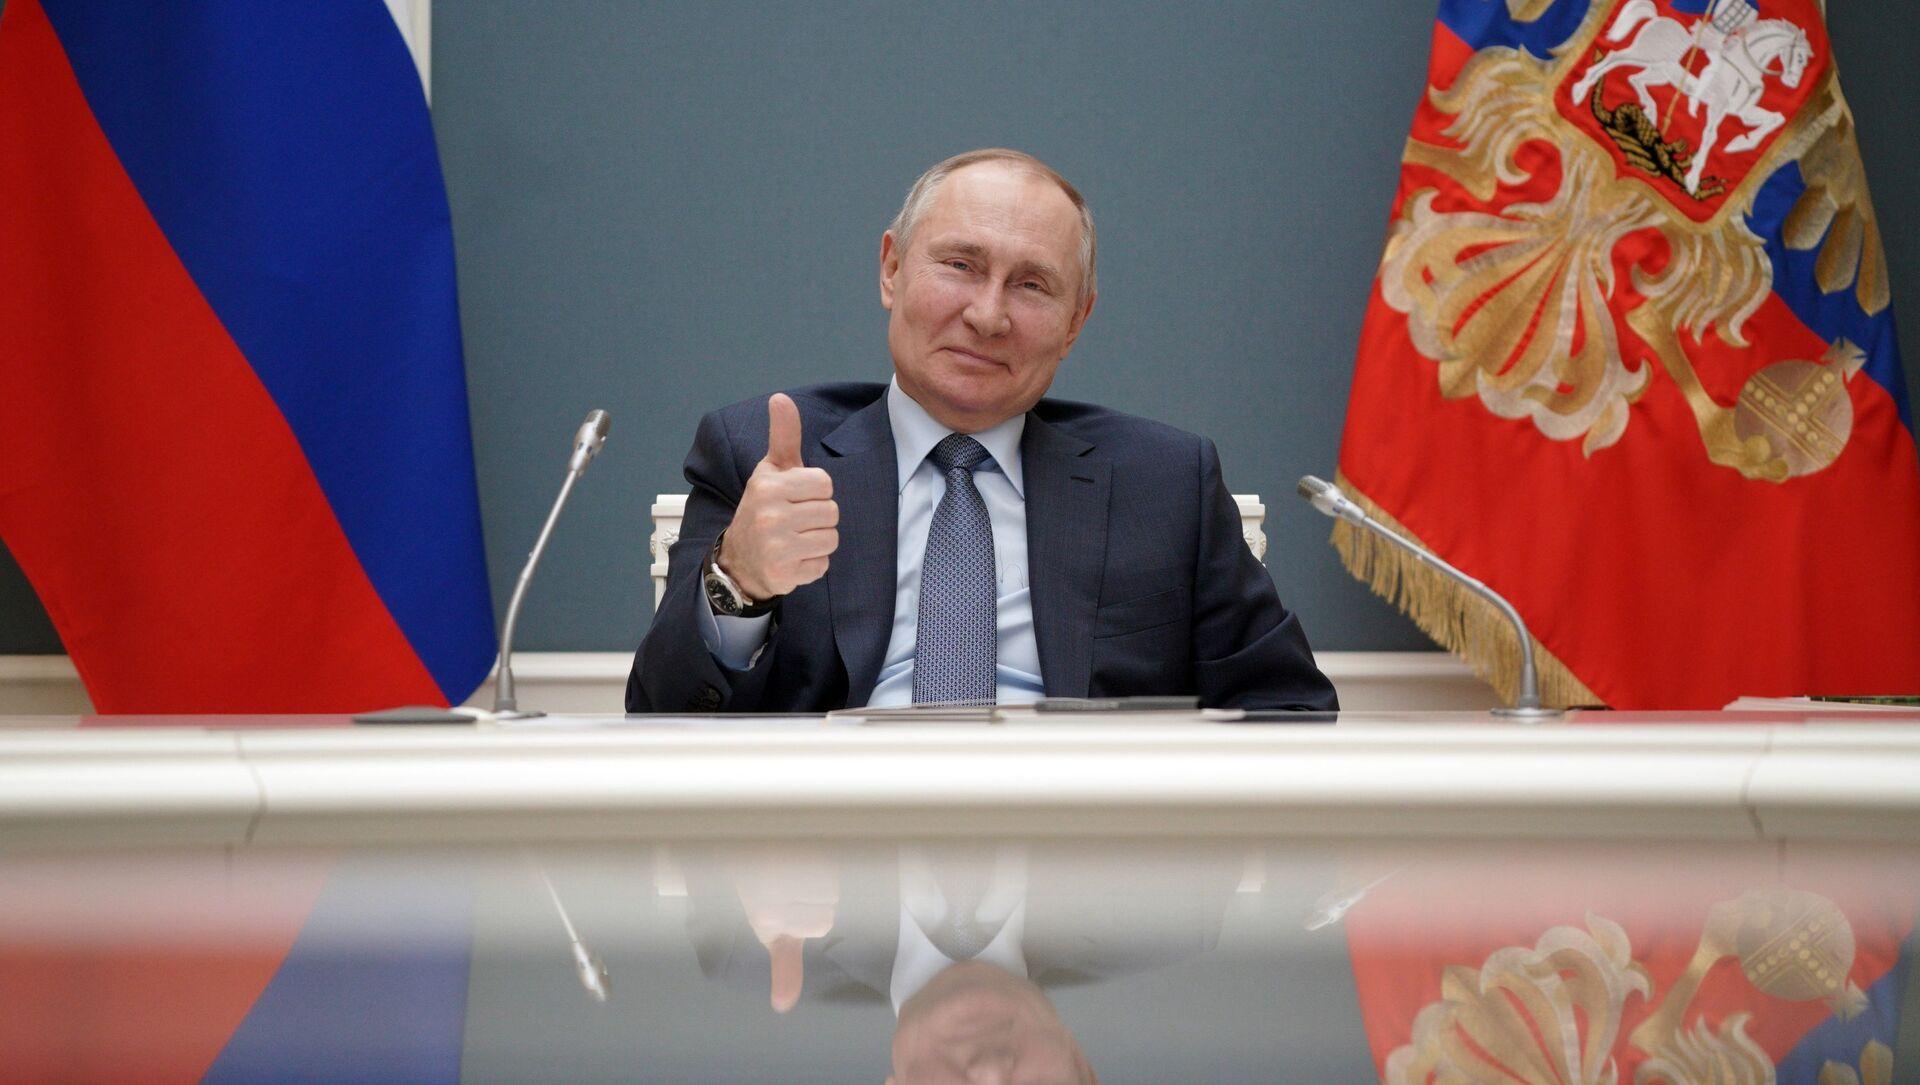 Ngày 10 tháng 3 năm 2021. Tổng thống Nga Vladimir Putin cùng với Tổng thống Thổ Nhĩ Kỳ Recep Tayyip Erdogan, theo định dạng cầu truyền hình, tham gia buổi lễ đánh dấu việc khởi công xây dựng đơn vị điện thứ ba của NPP Akkuyu ở tỉnh Mersin của Thổ Nhĩ Kỳ. - Sputnik Việt Nam, 1920, 24.03.2021